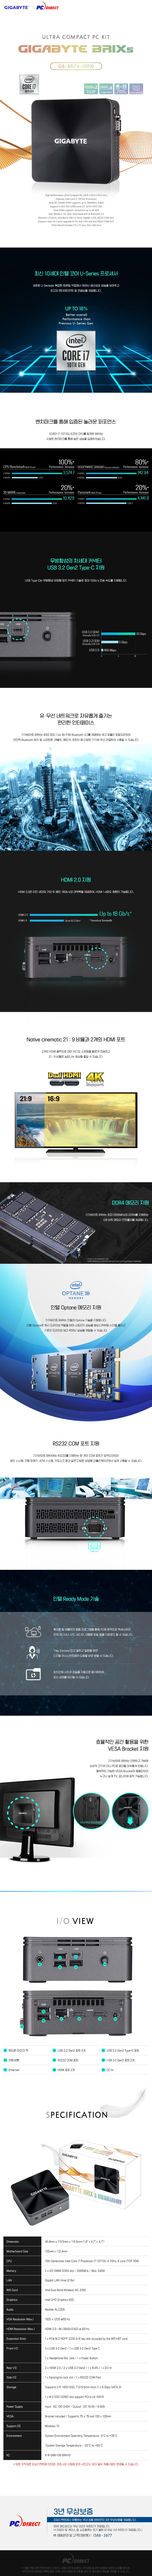 GIGABYTE BRIX GB-BRi7H-10710 SSD 피씨디렉트 (16GB, SSD 120GB)